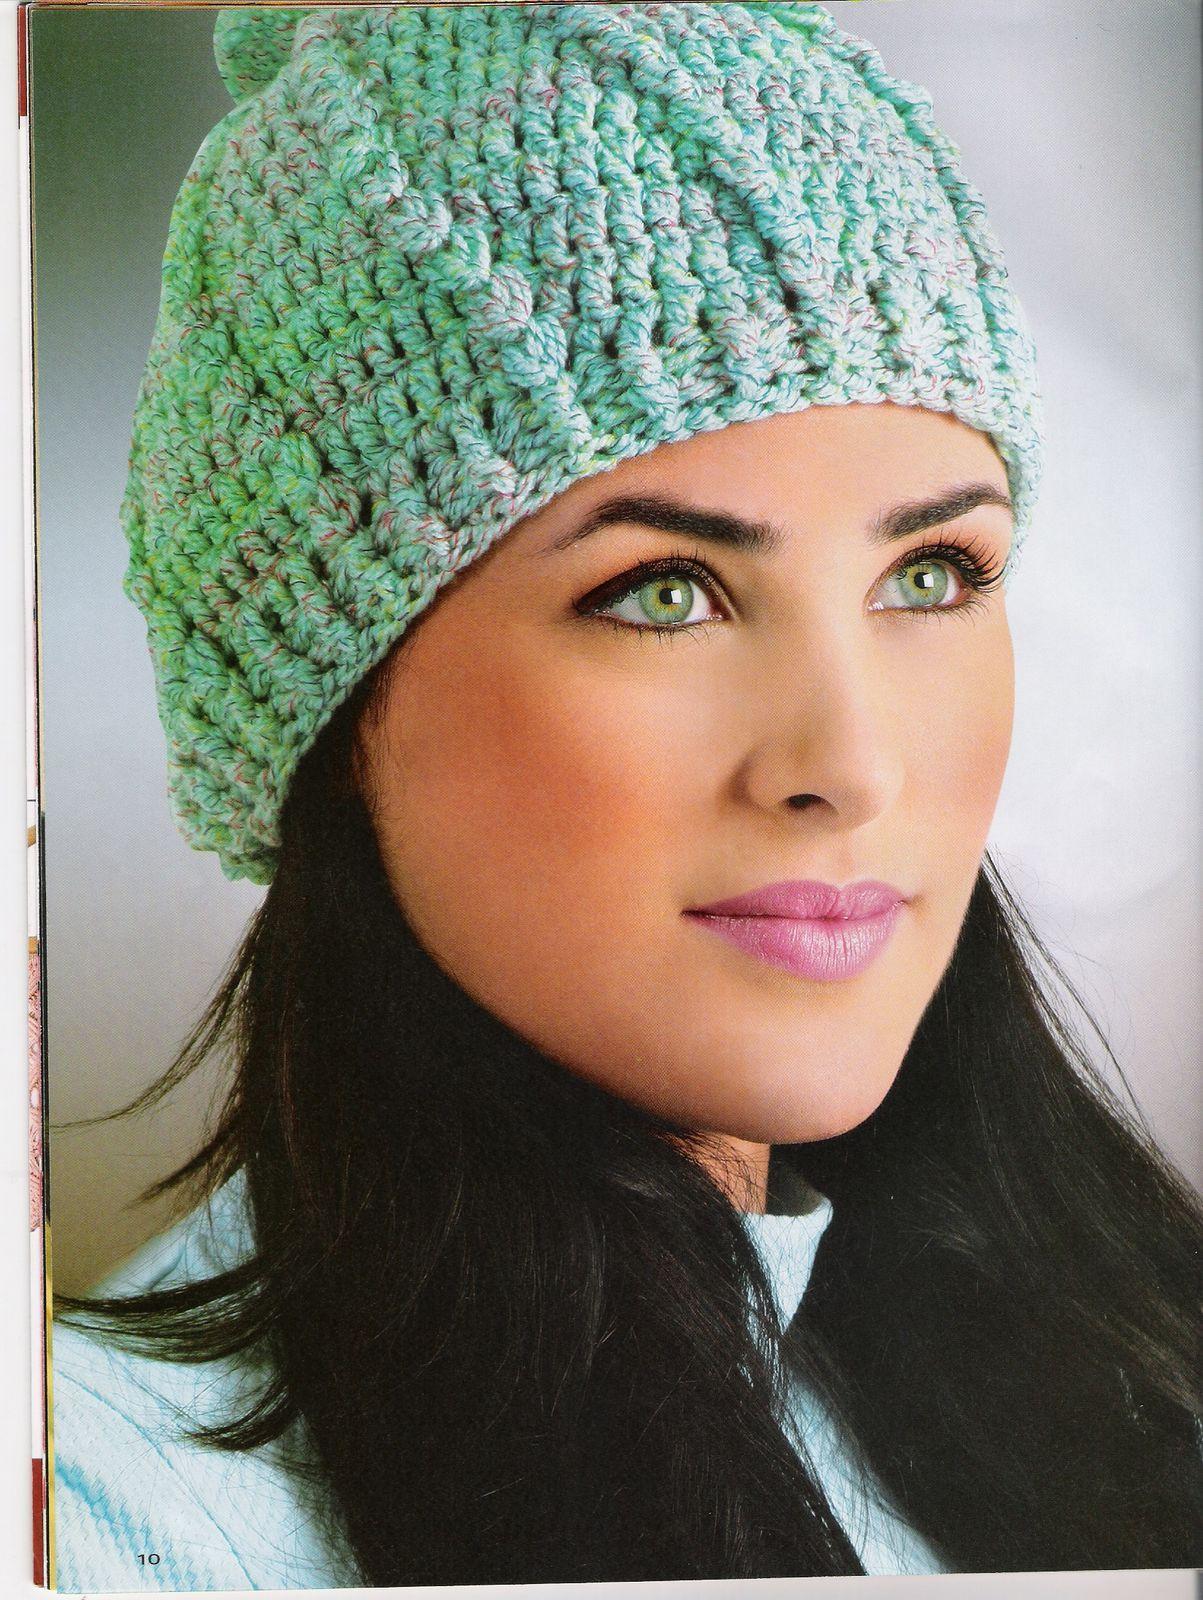 7015ff8a96ed7 gorros en crochet para mujer - Buscar con Google